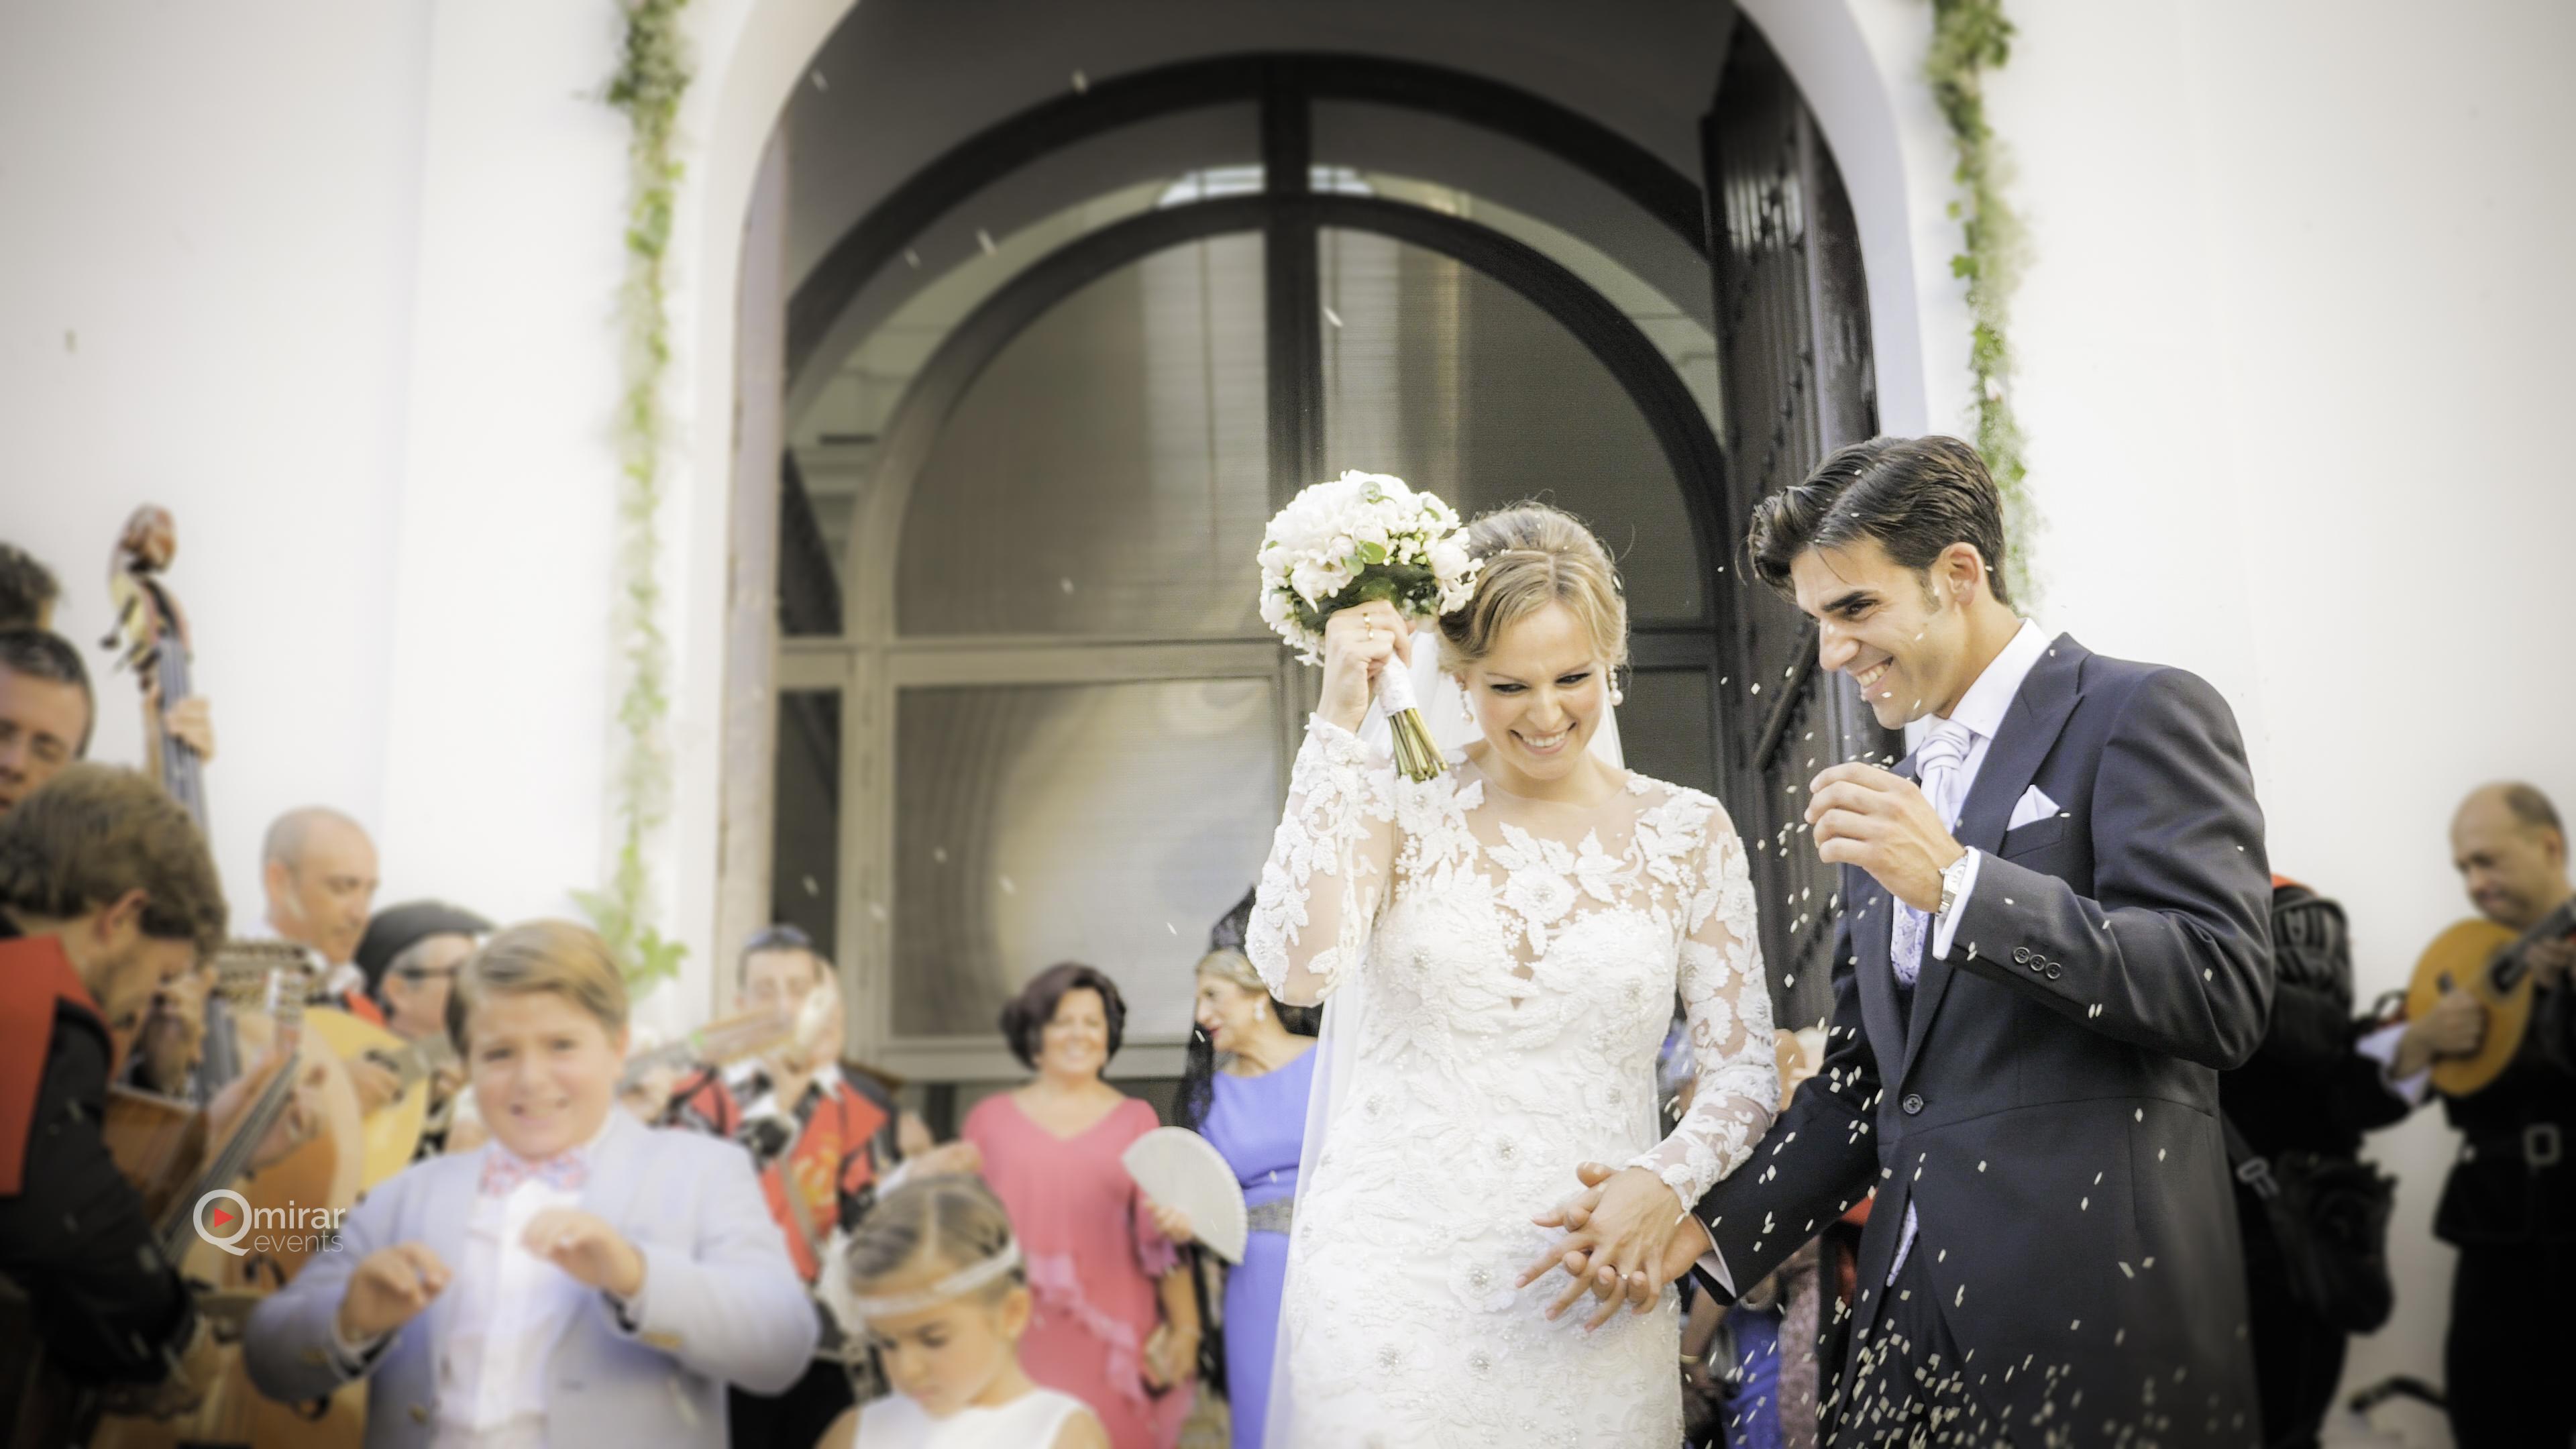 Qmirar,videos,boda,halfway,Málaga,mirar,2017,fotografía